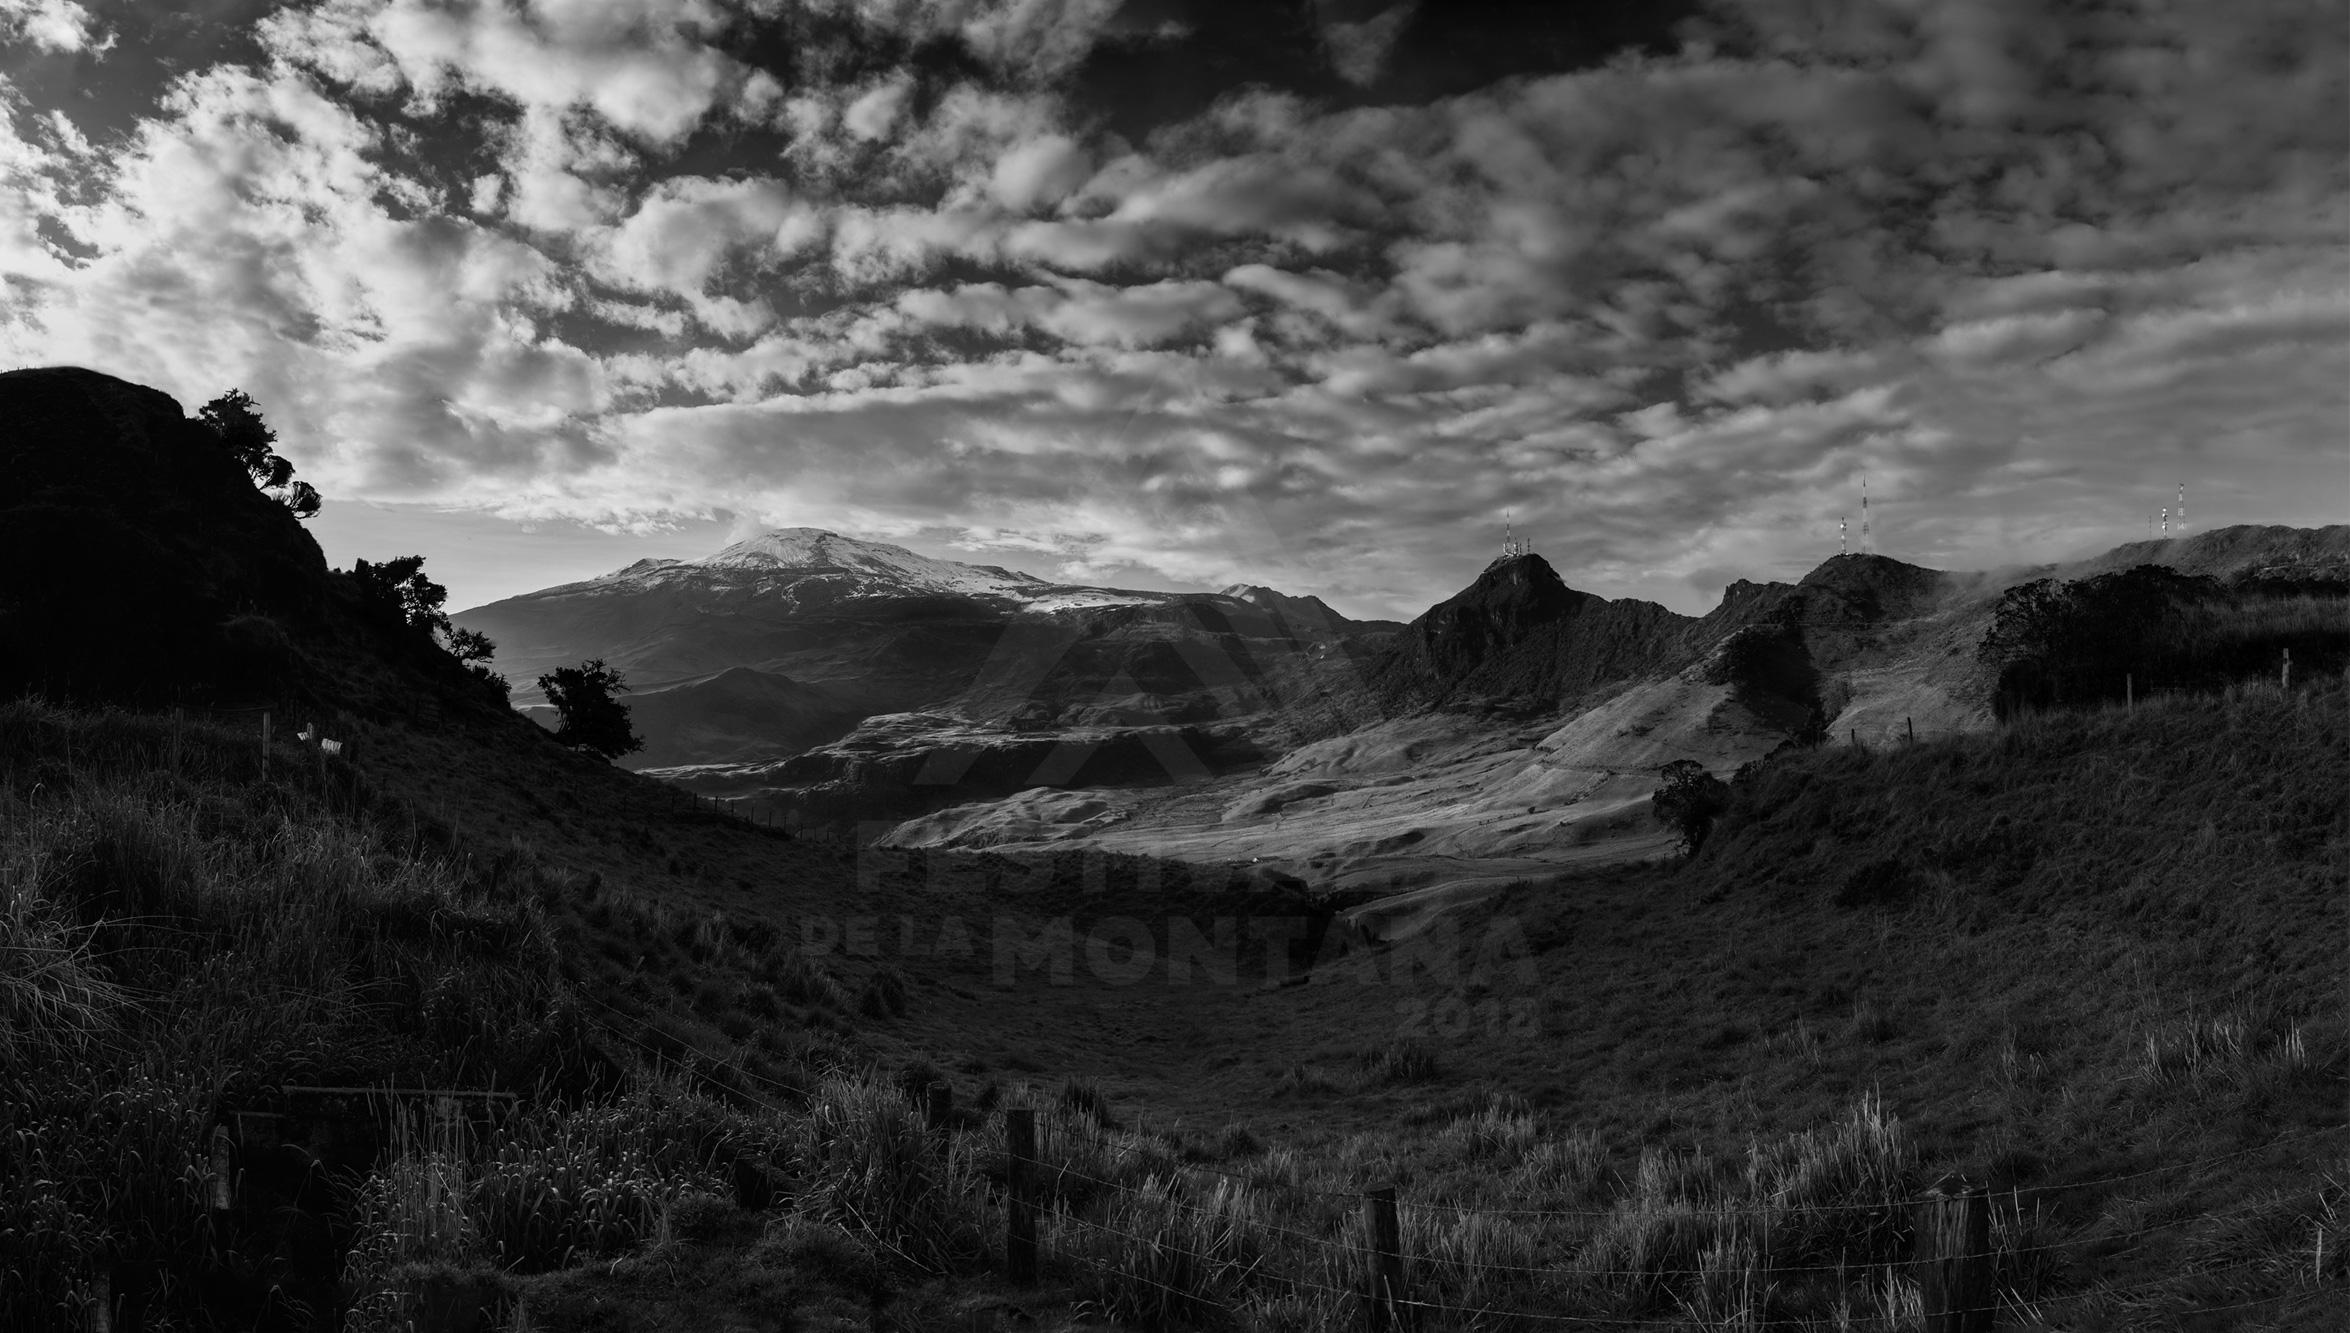 6. Diego Rivera – Una mirada al volcán Nevado del Ruíz